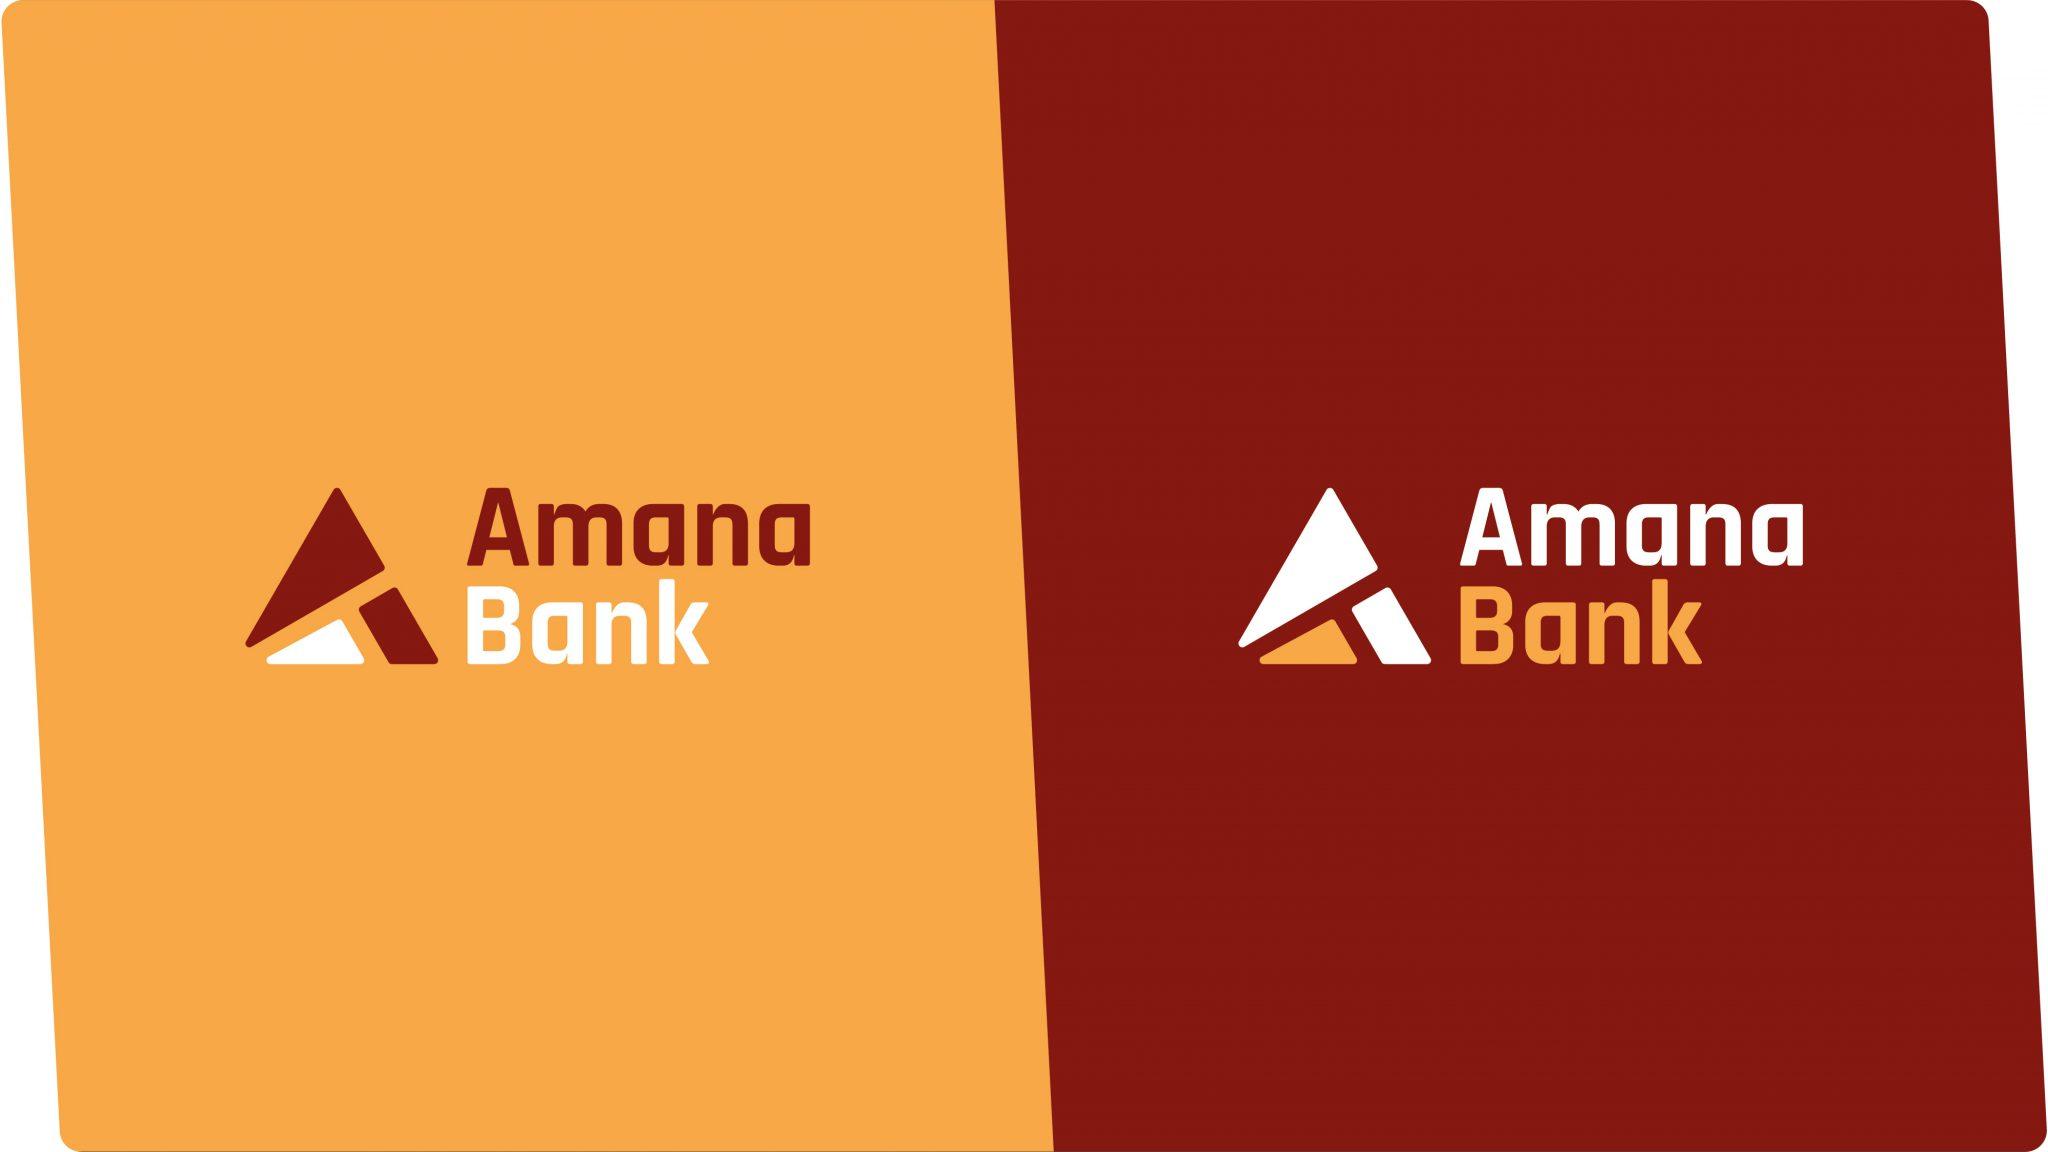 Amana Bank Logos